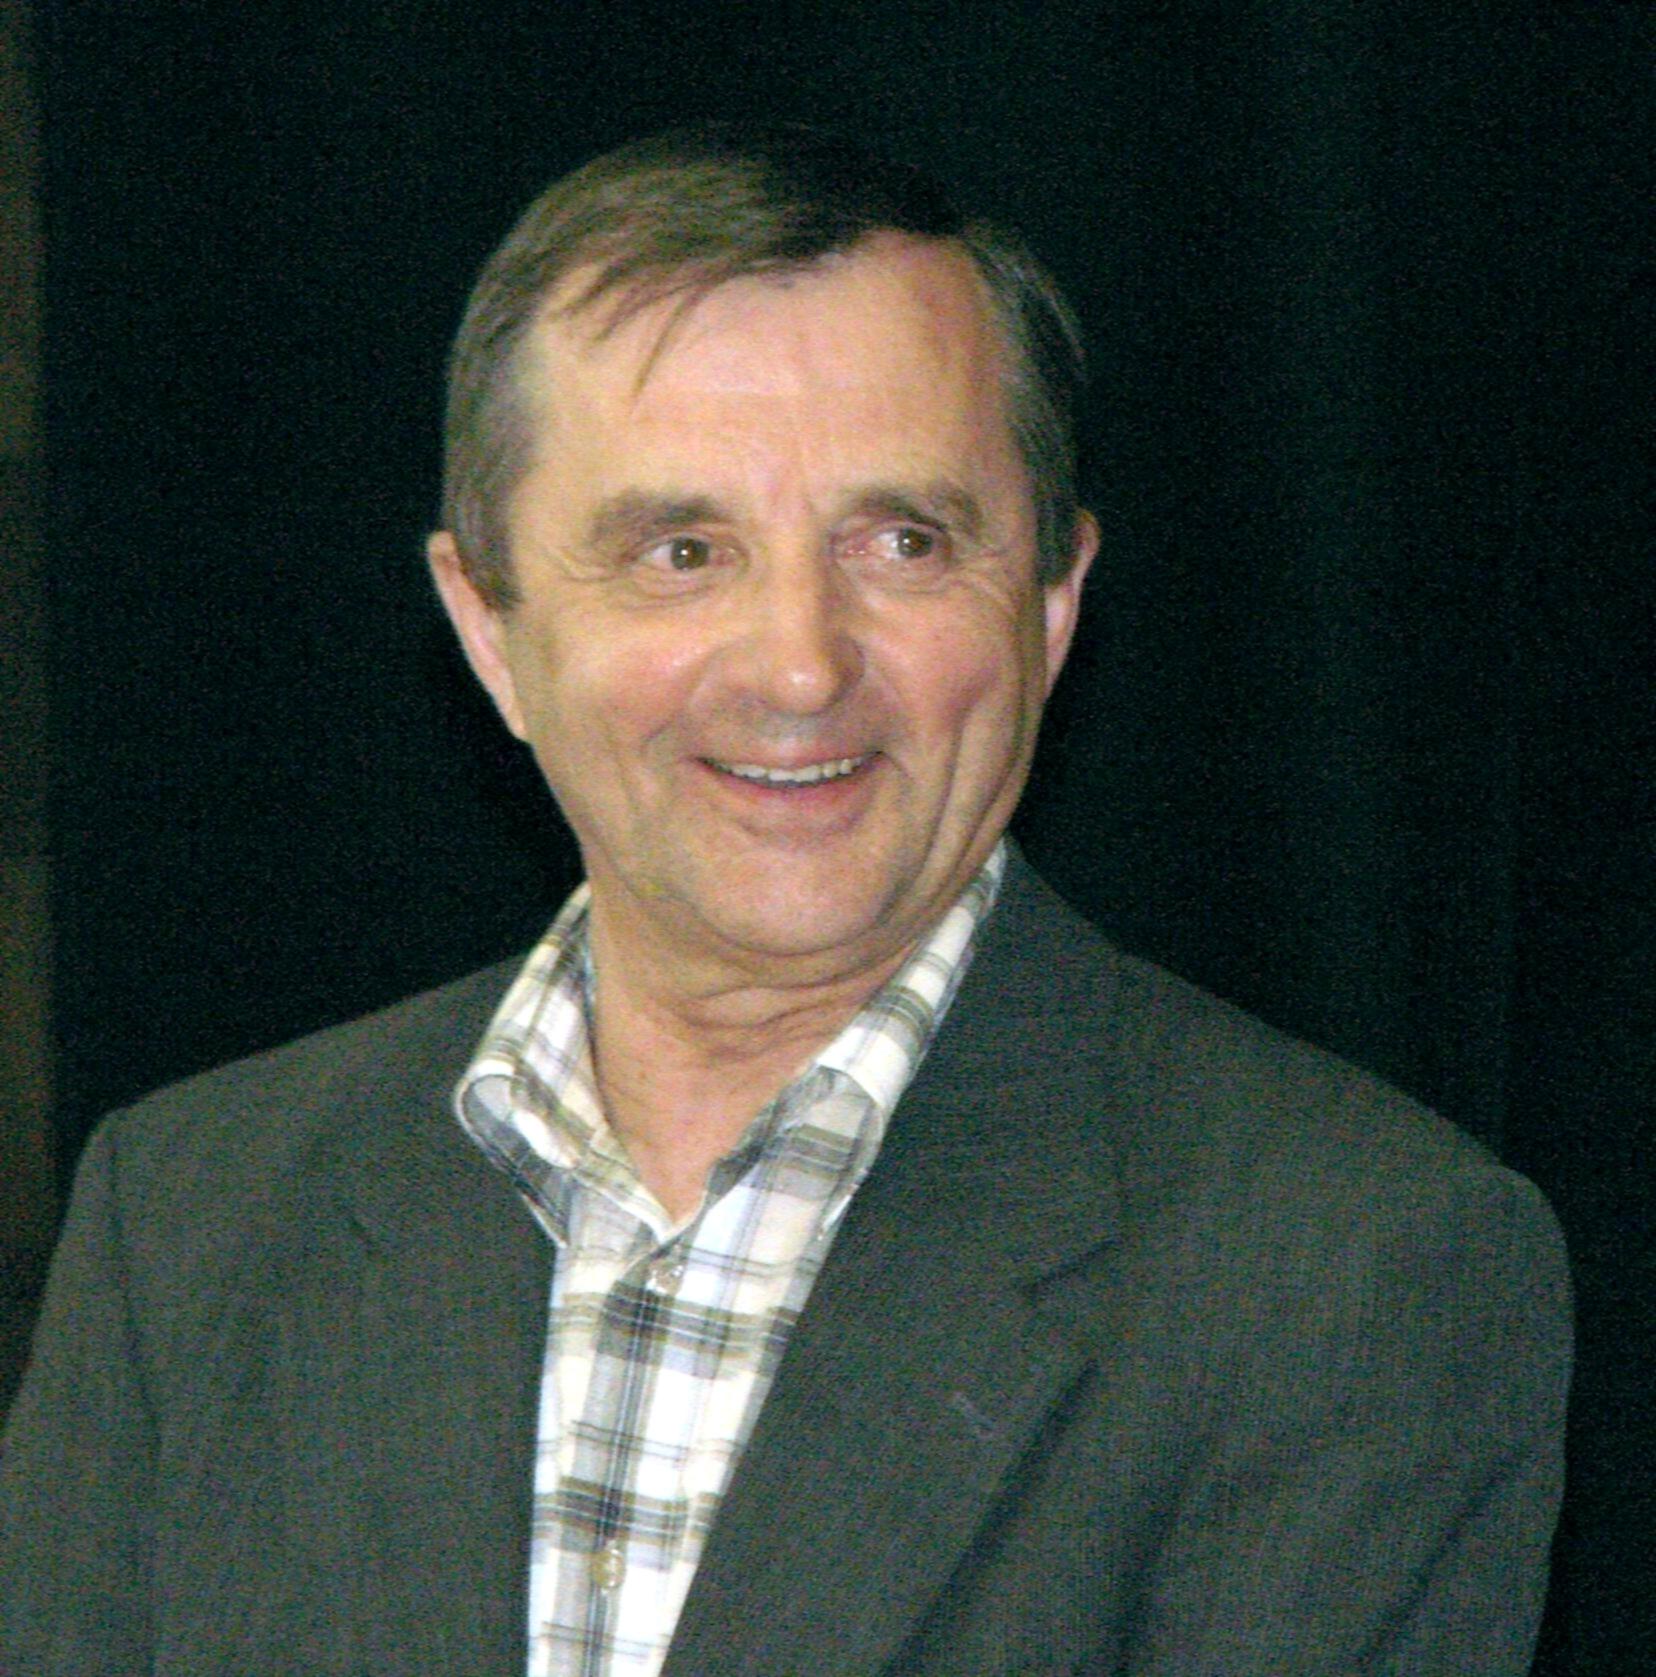 Image of Stanislovas Žvirgždas from Wikidata